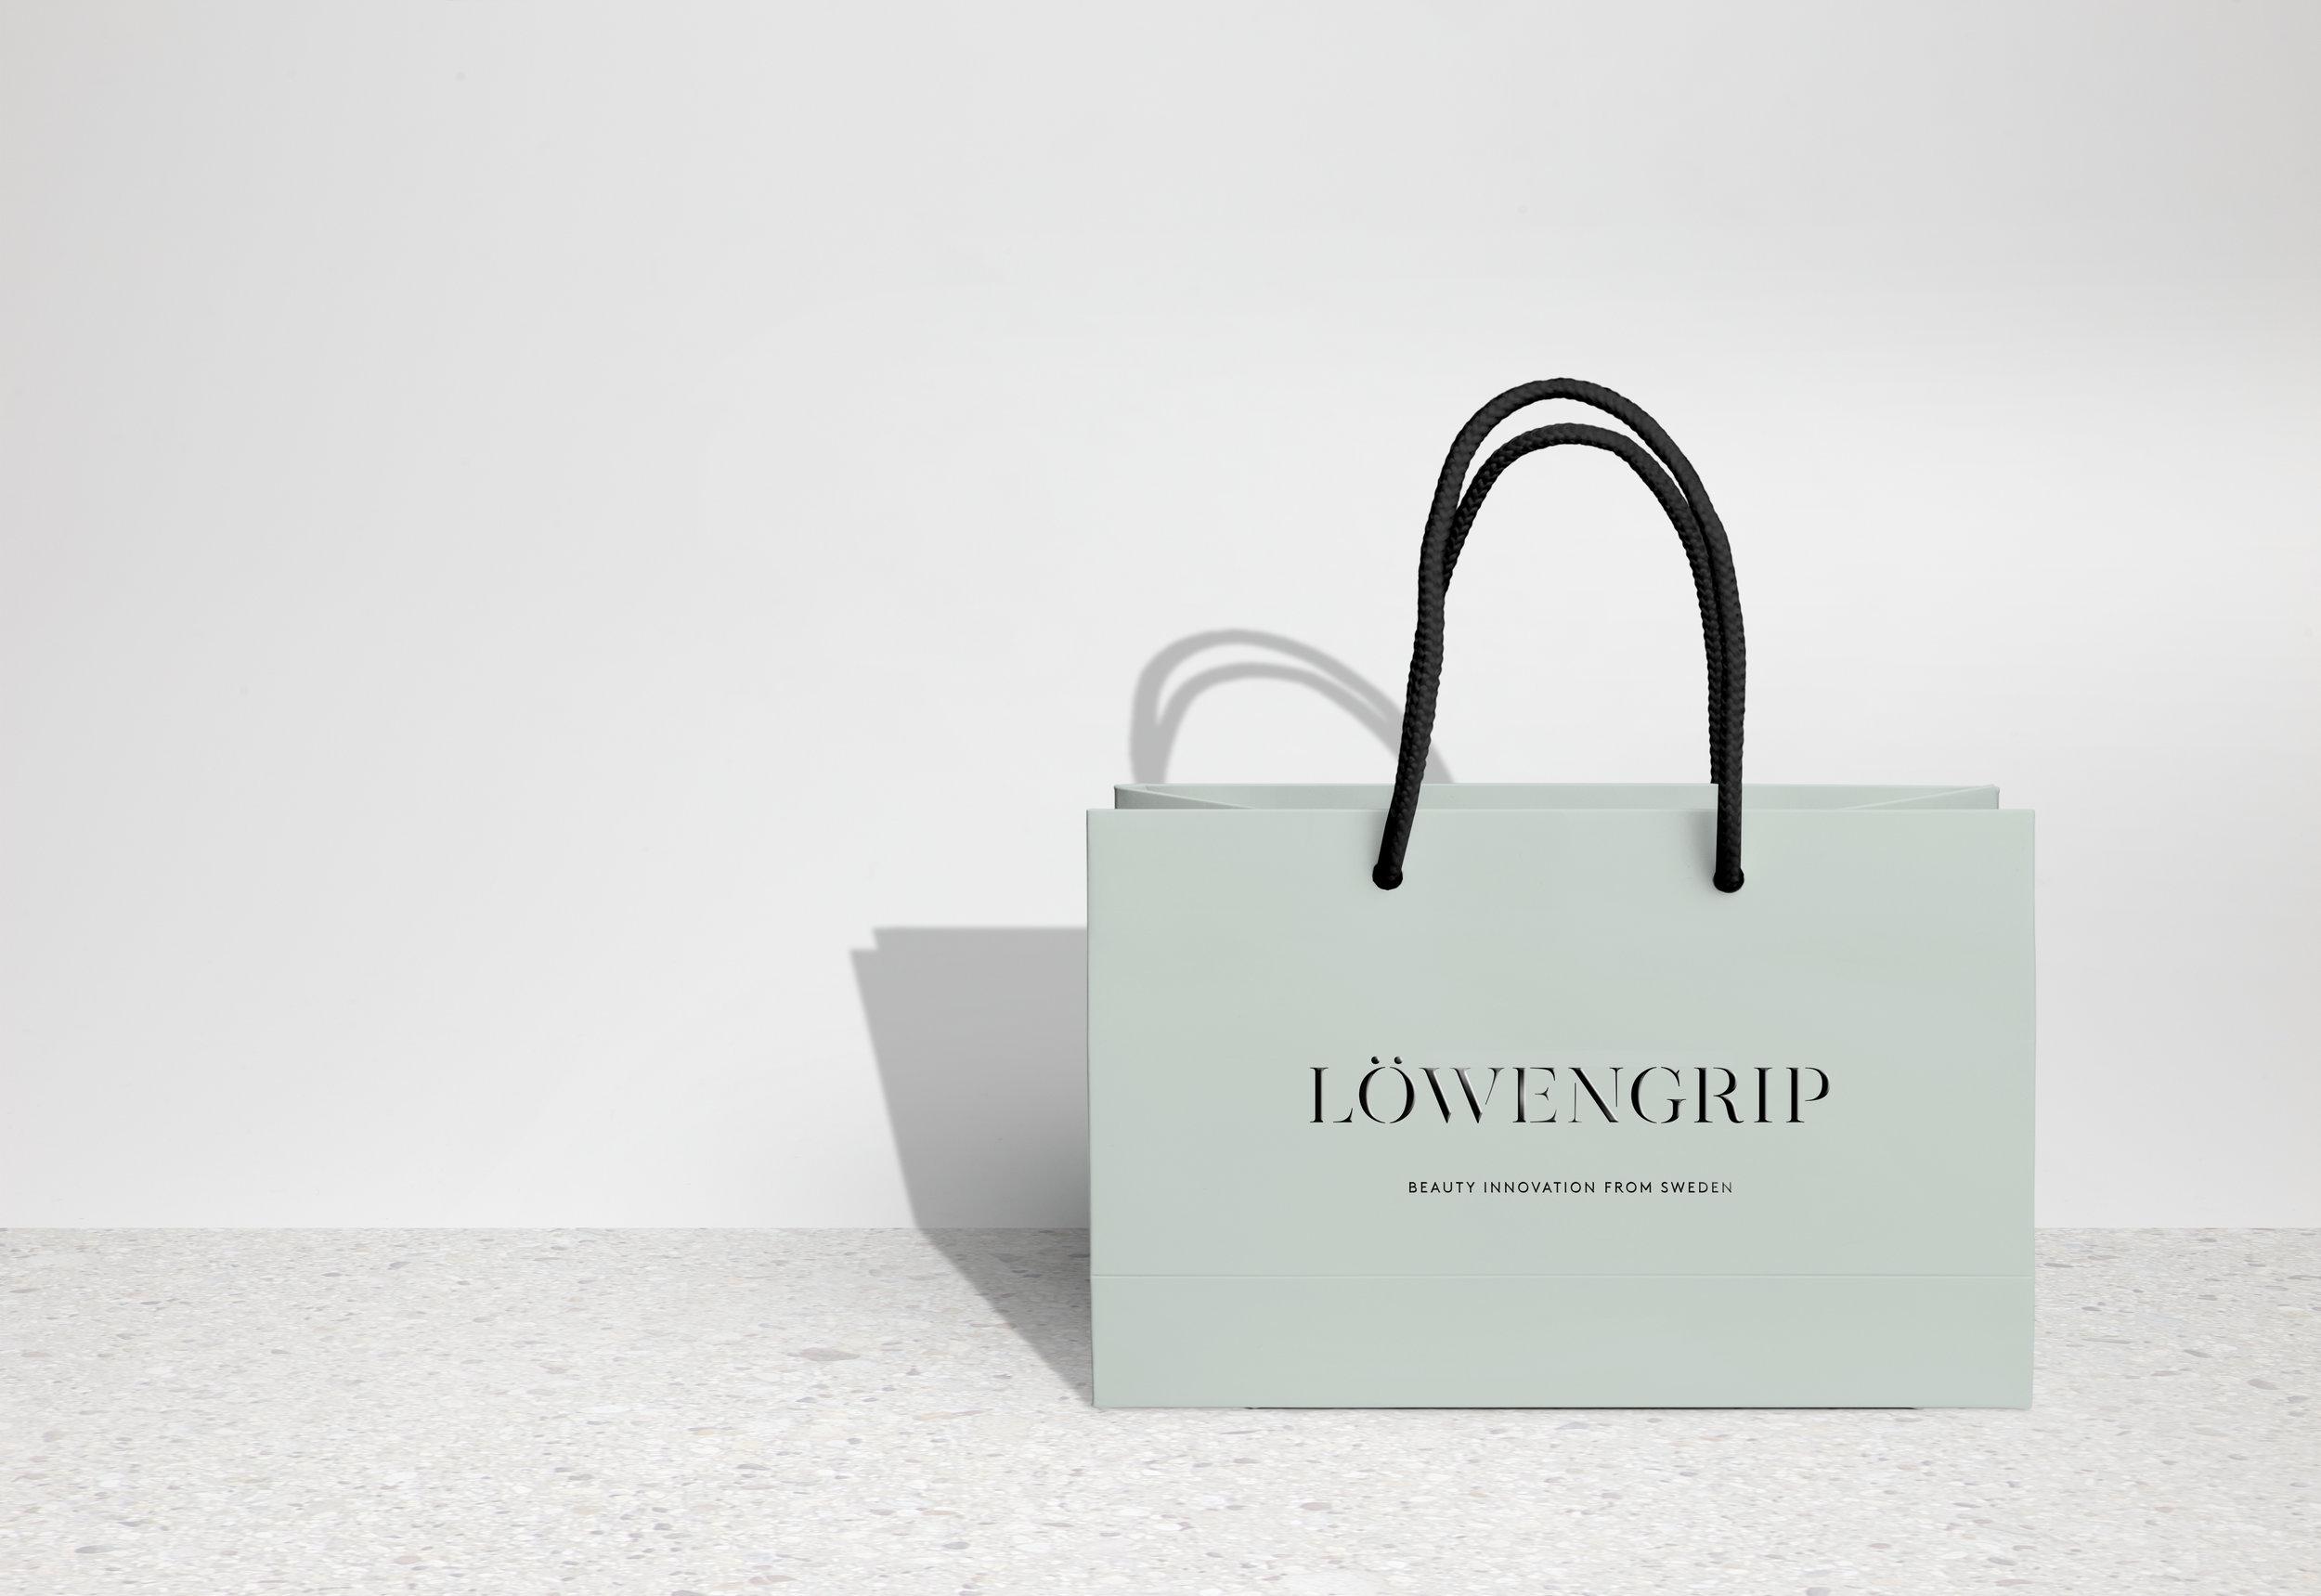 lowengrip_bagmockup.jpg